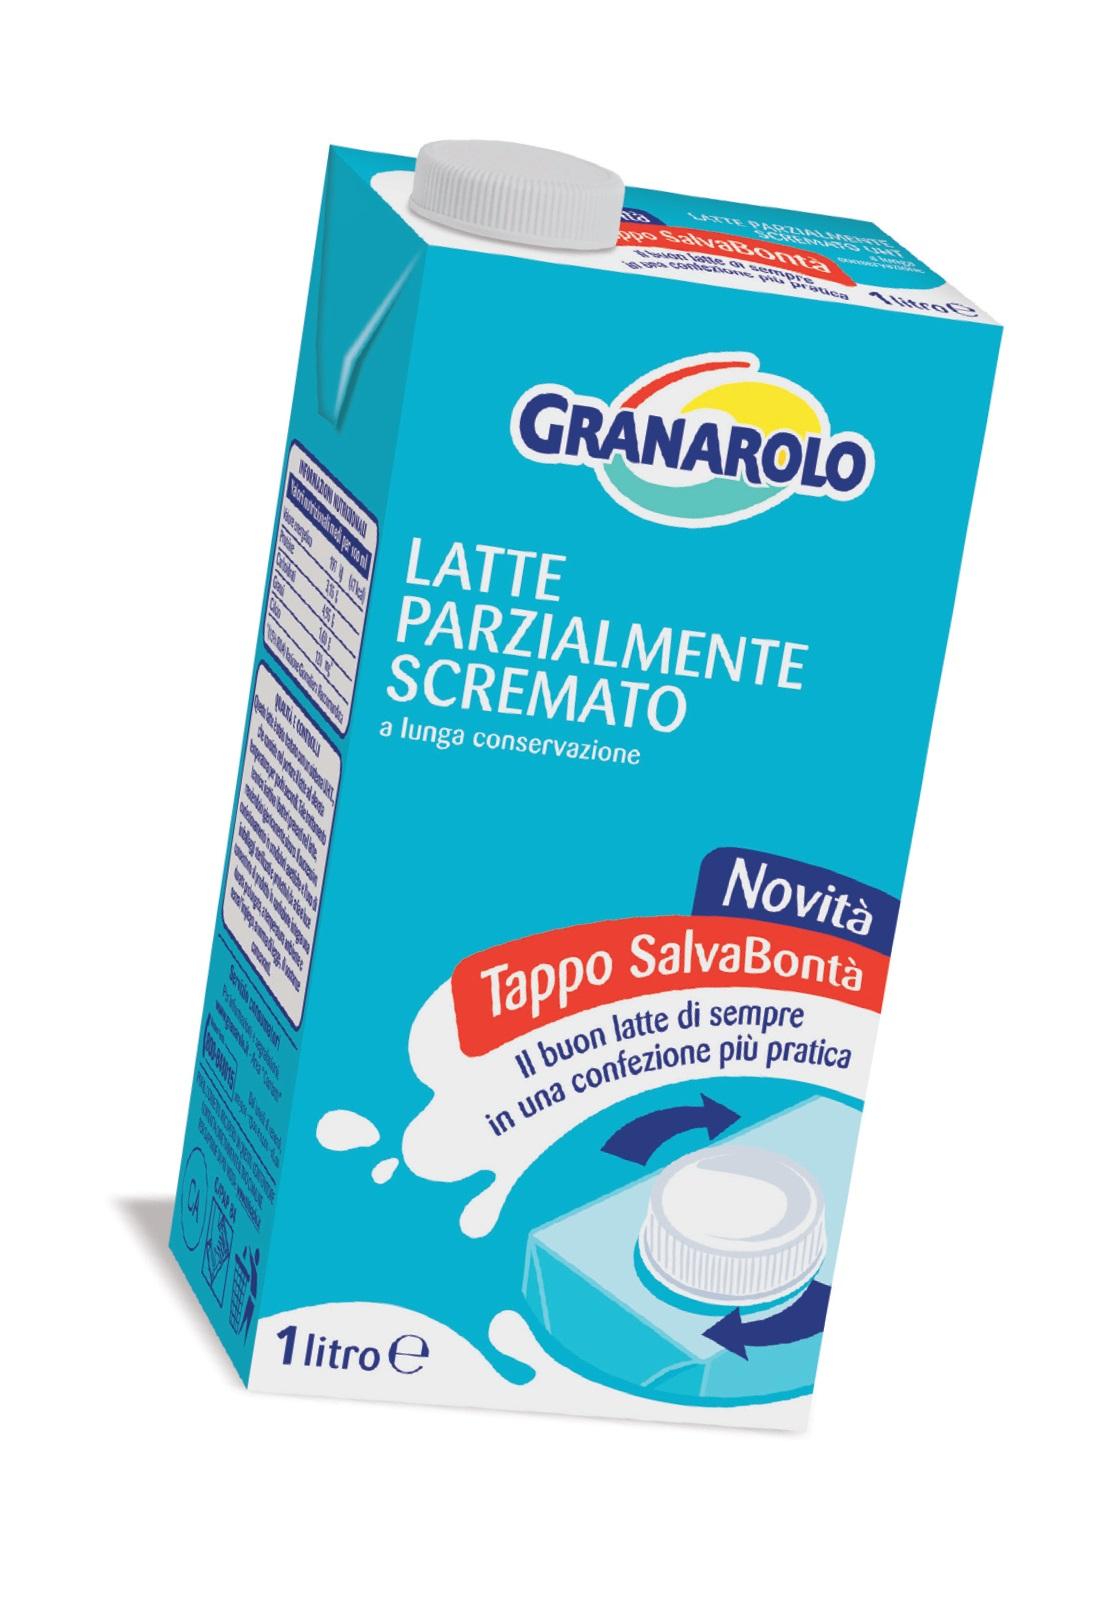 Latte parzialmente scremato Granarolo